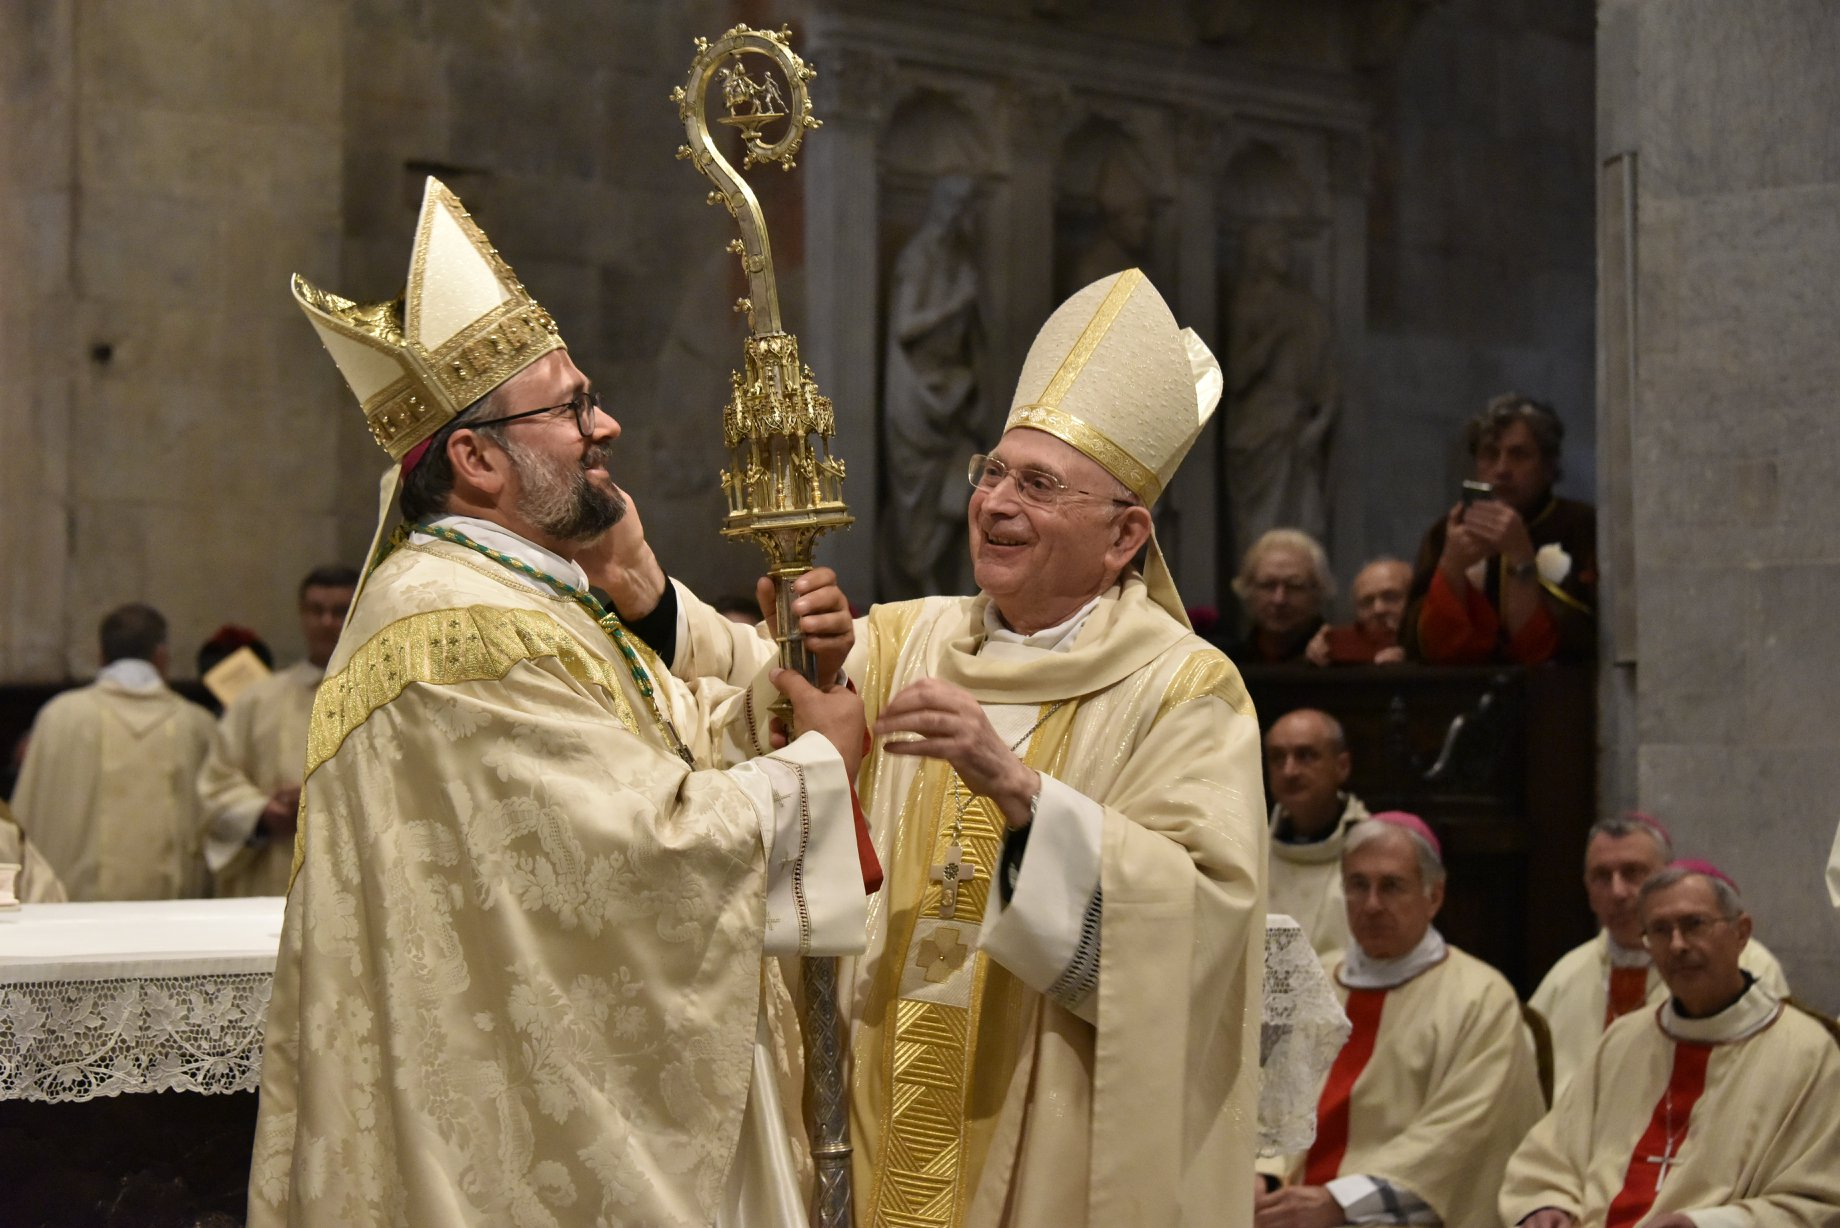 Si insedia Vescovo Paolo (foto)